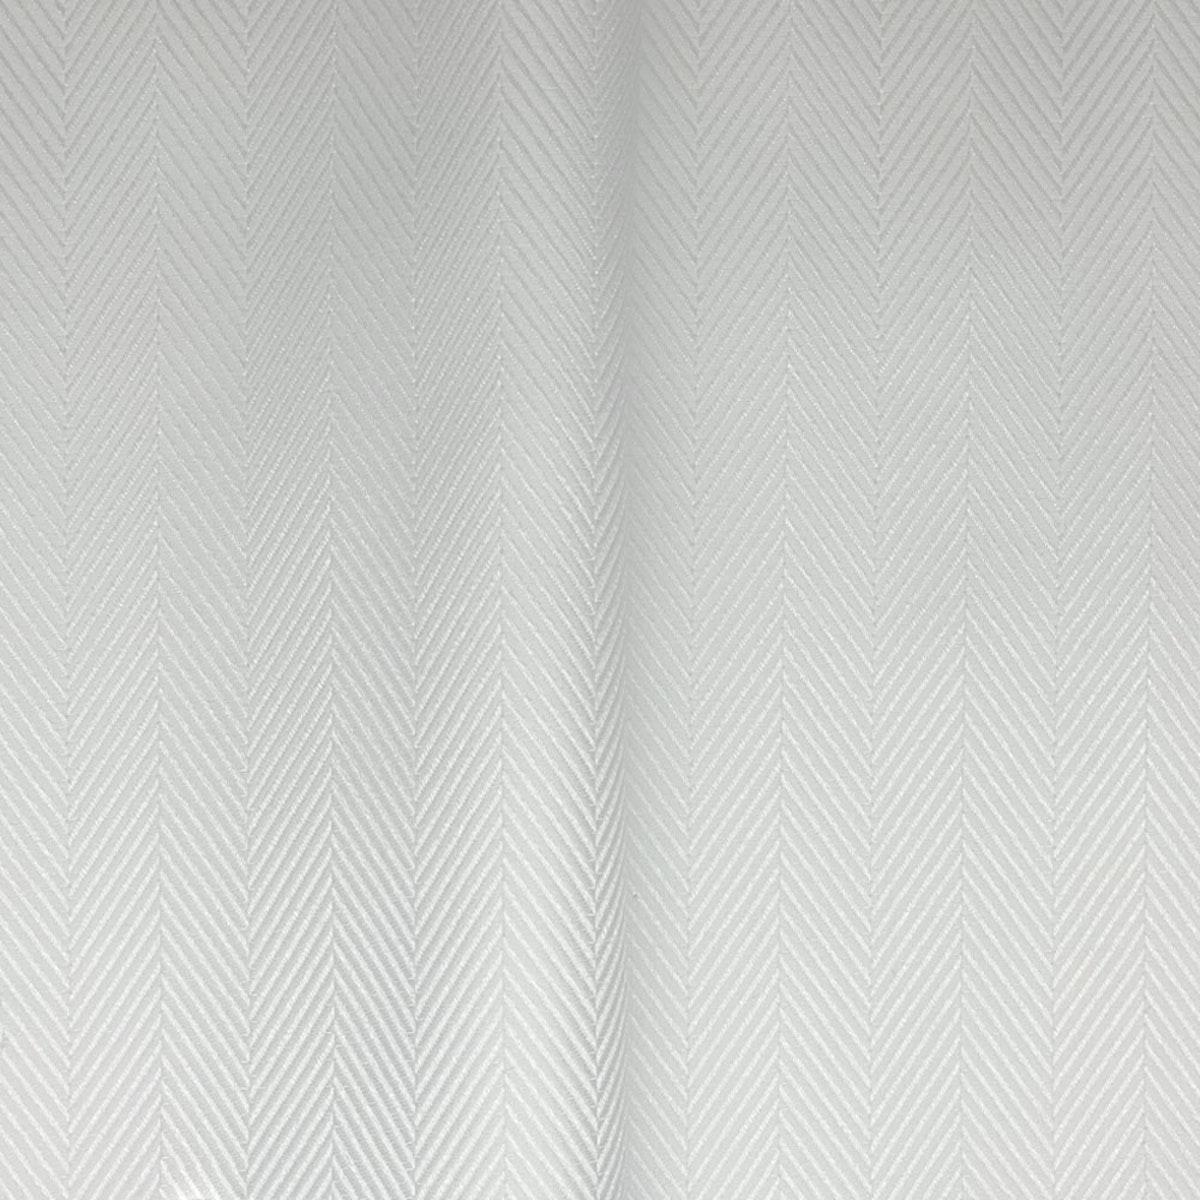 InStitchu Shirt Fabric 235